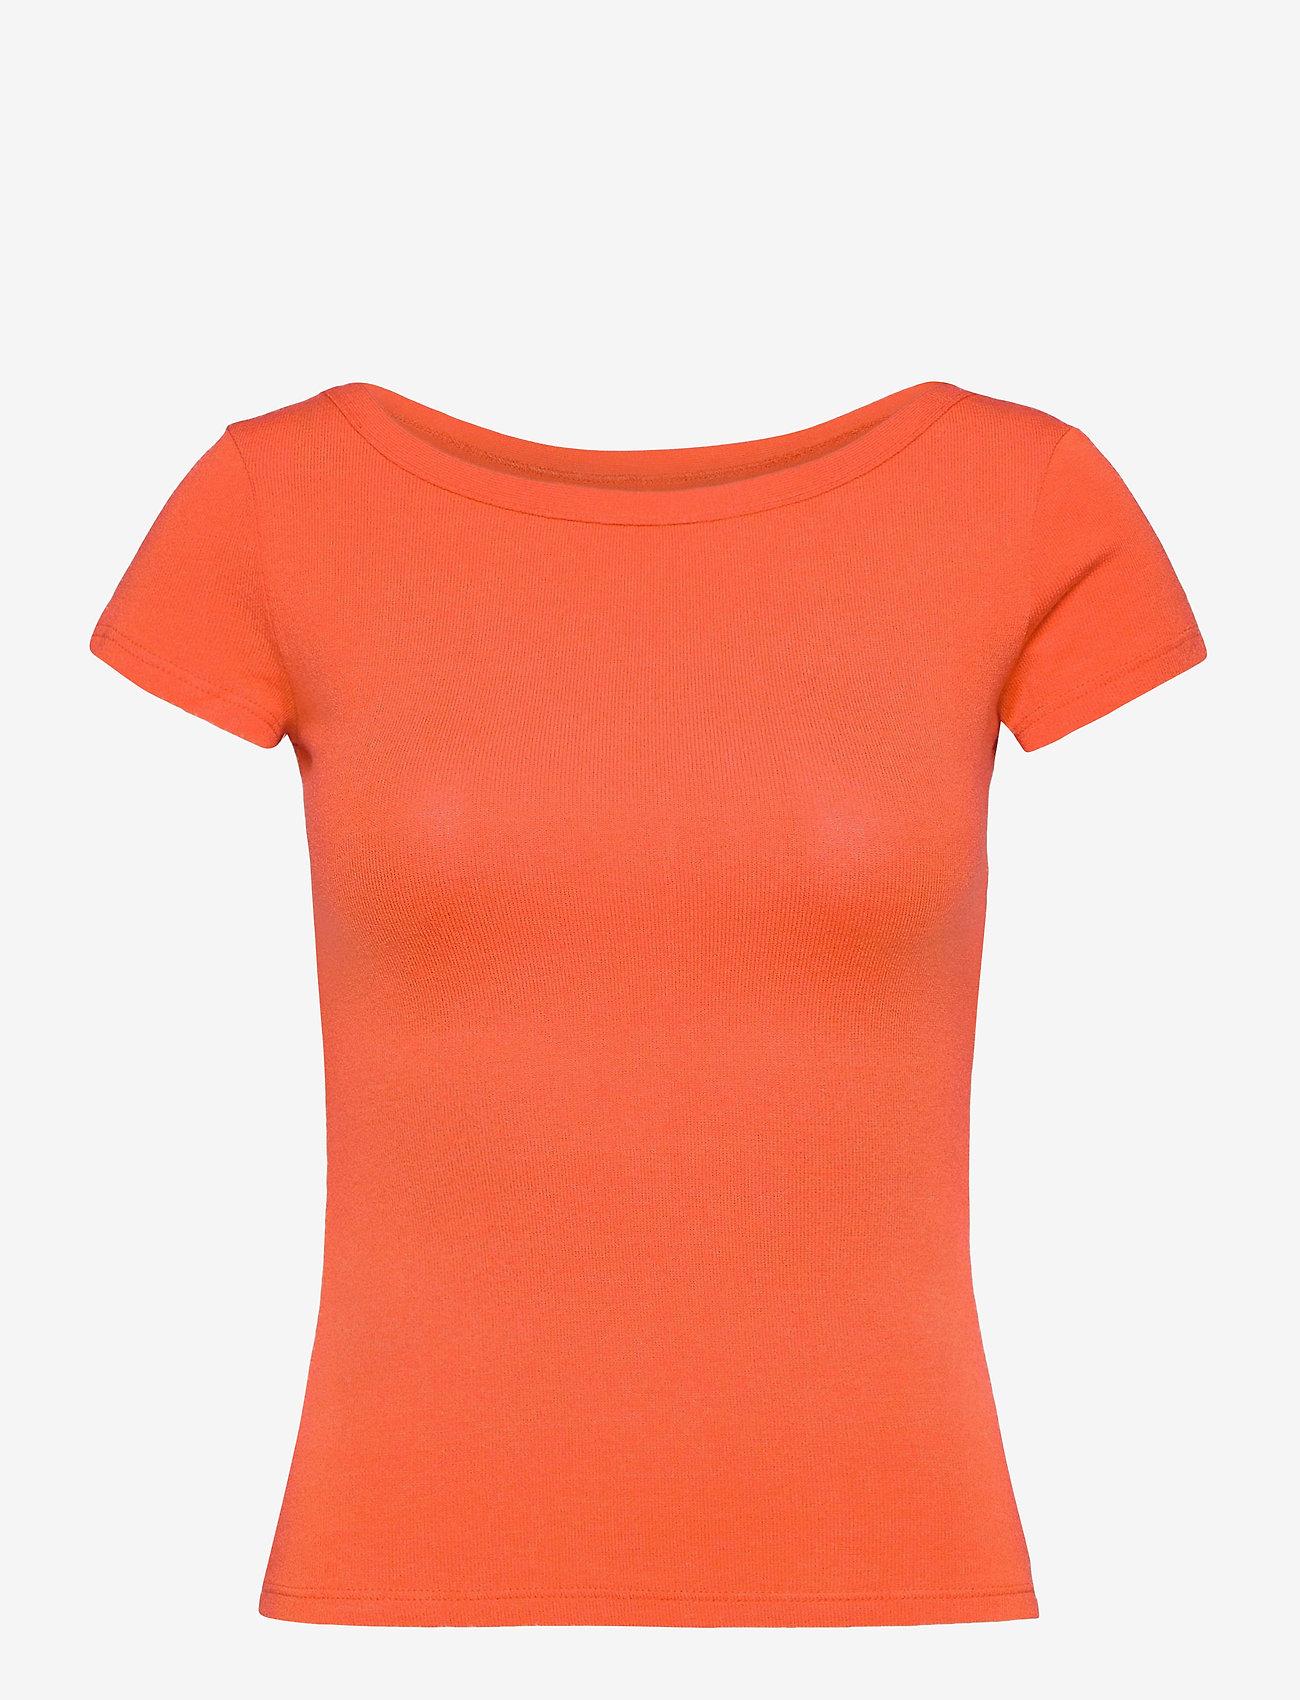 Max&Co. - DANZANTE - t-shirts - orange - 0